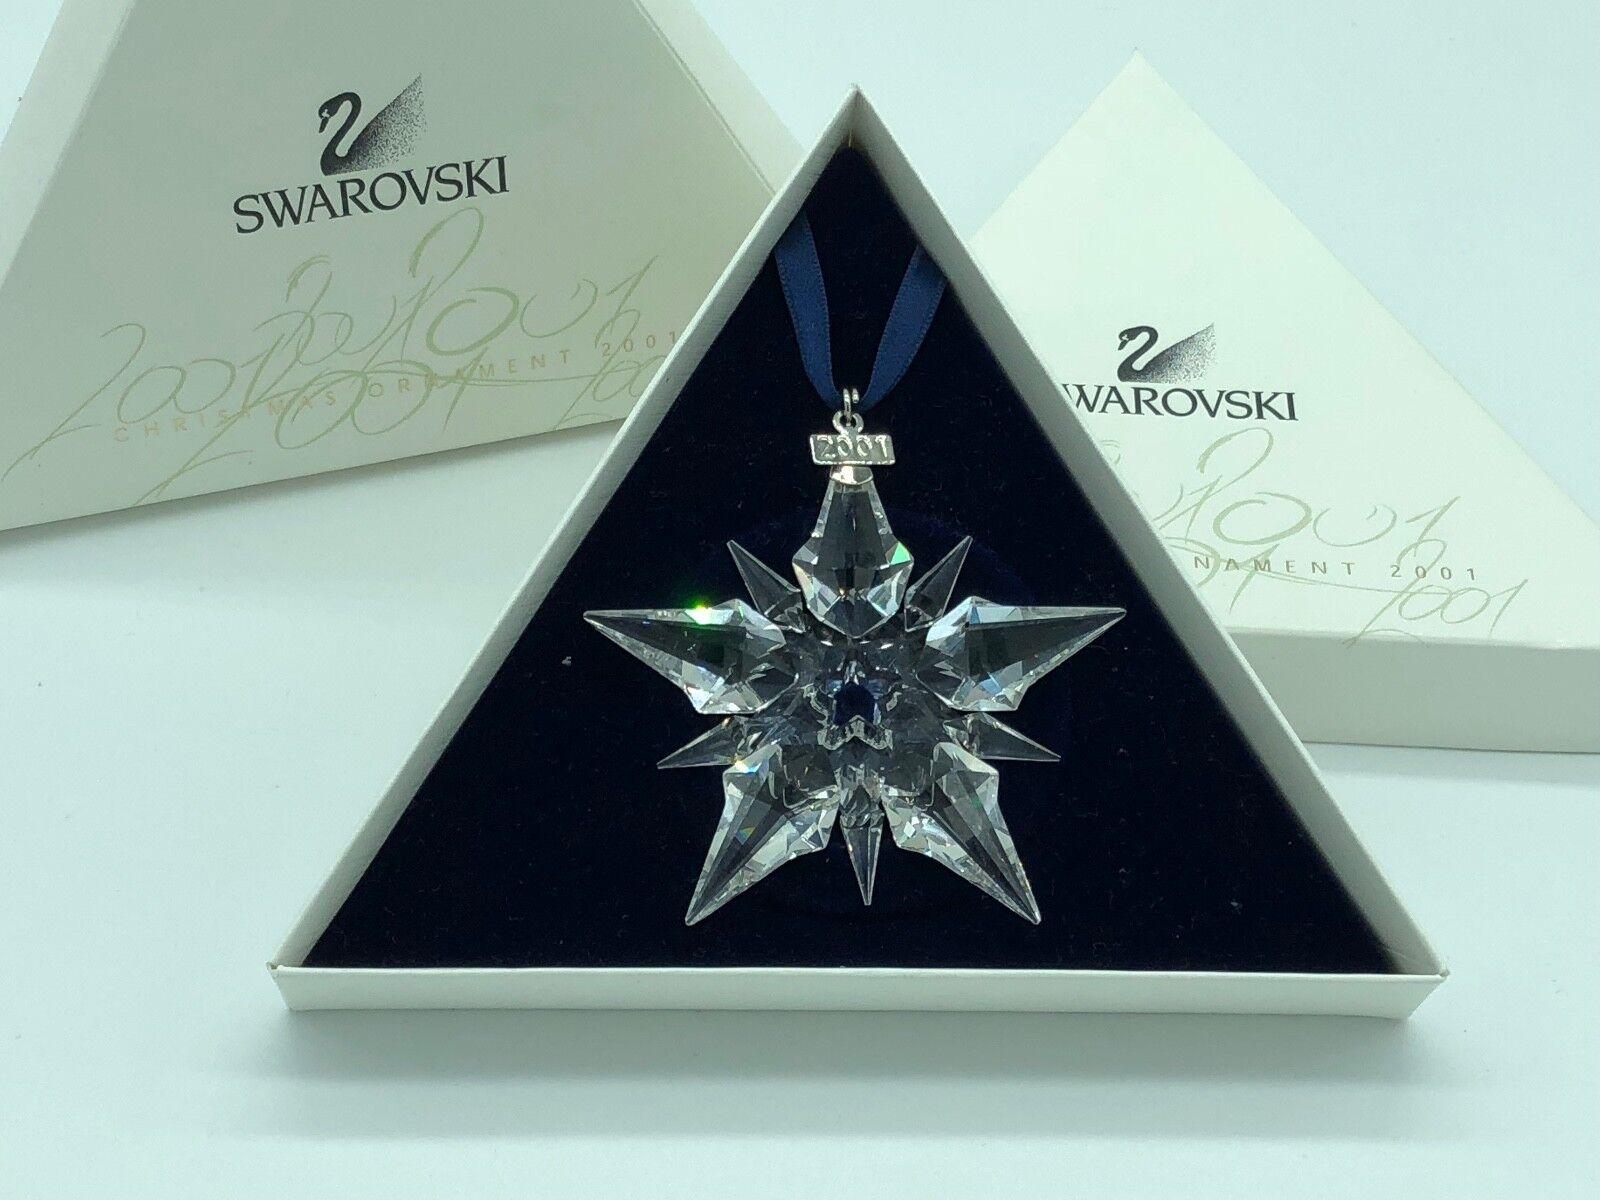 Swarovski De Noël étoile 2001 Avec Avec 2001 Emballage. Excellent état 75264d